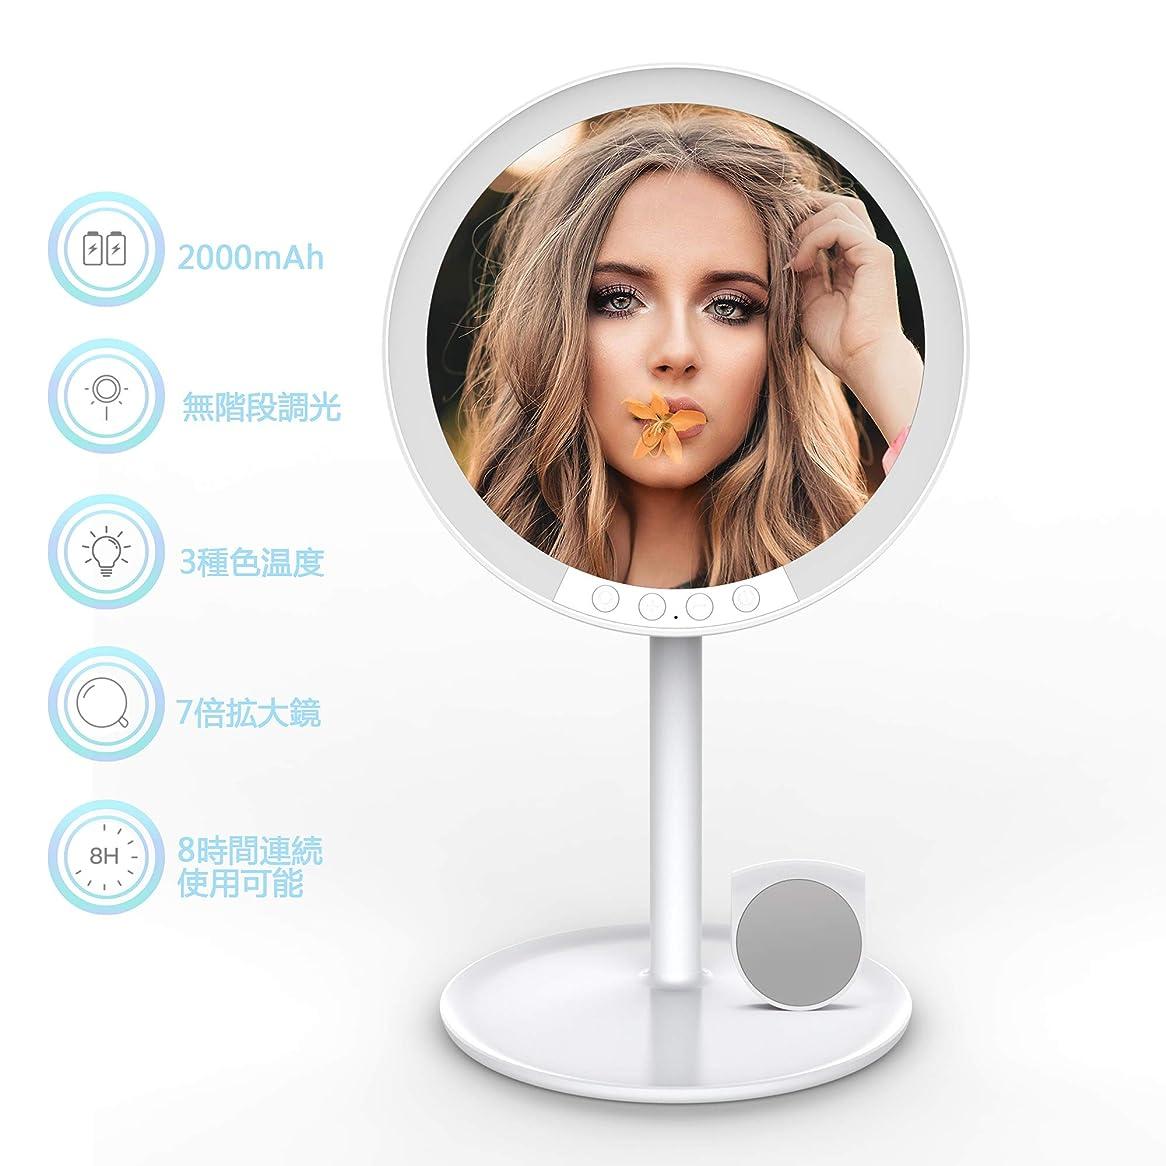 濃度不適切な宝YOUKOYI 化粧鏡 化粧ミラー 女優ミラー 充電式 led 卓上ミラー 収納ベース 7倍拡大鏡付き 120°回転可能 3種色温度 無階段調光(ホワイト)